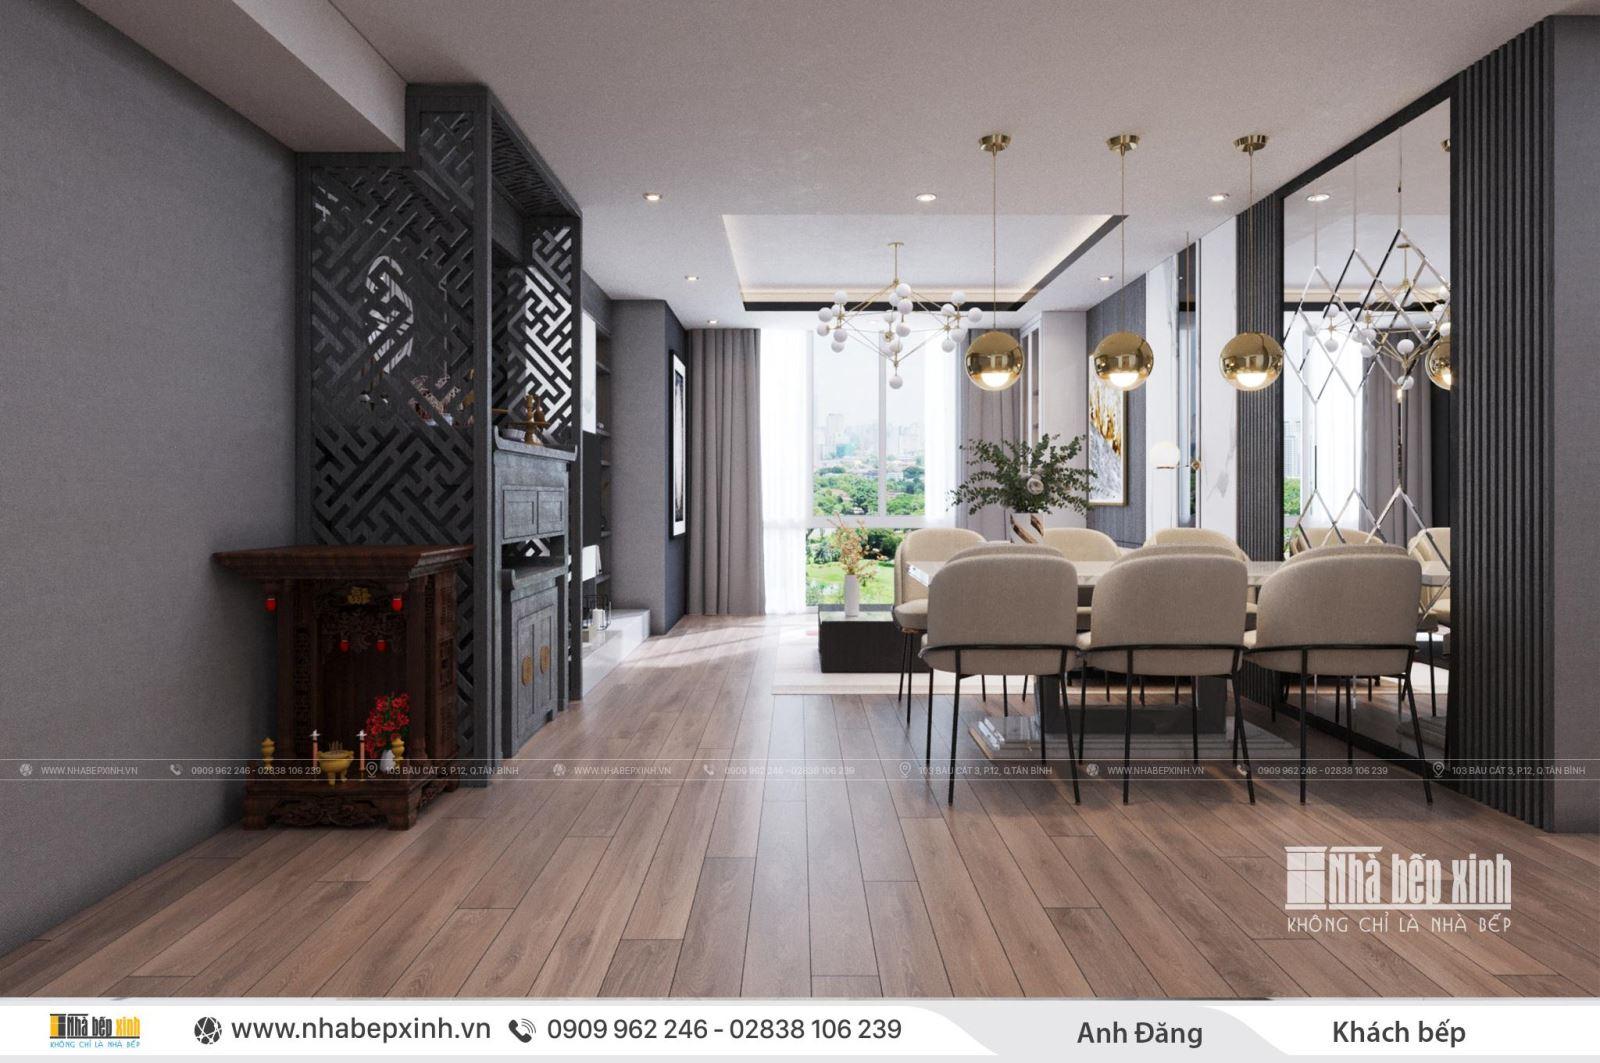 Thiết kế nội thất phòng khách nhà phố quận Bình Thạnh